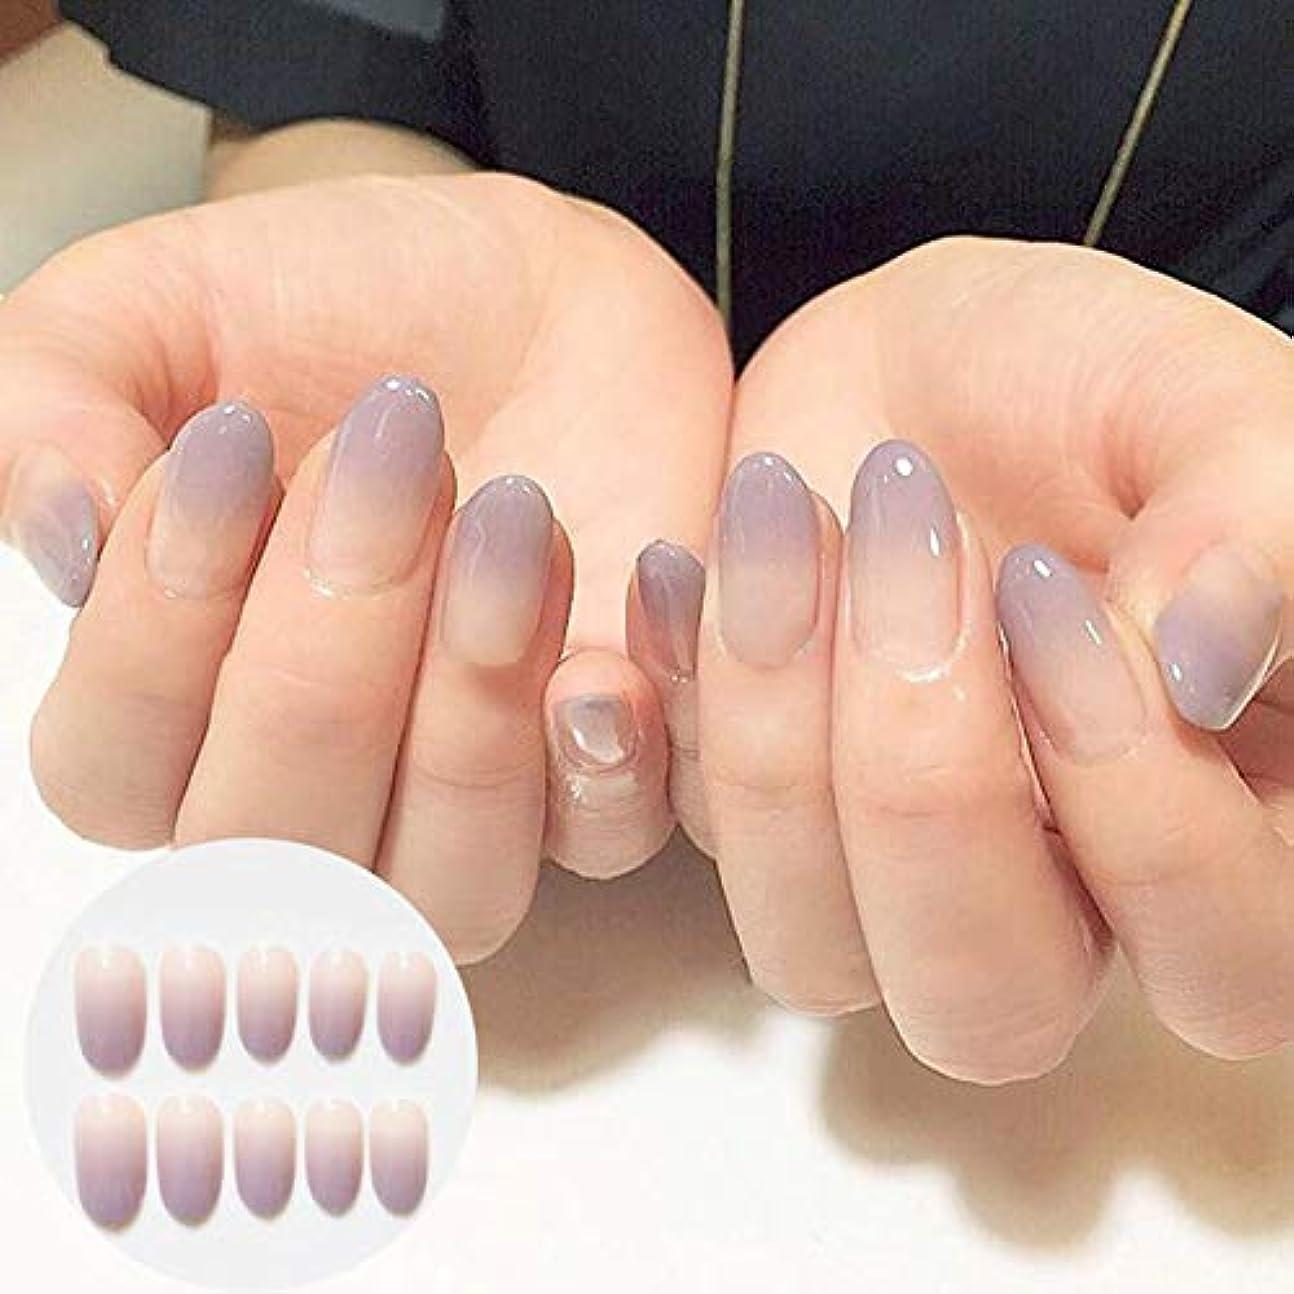 逆入浴する必要があるXUTXZKA 24本の偽のネイルヌードパープルグラデーションネイルアートFalse Tips Full Cover False Nails